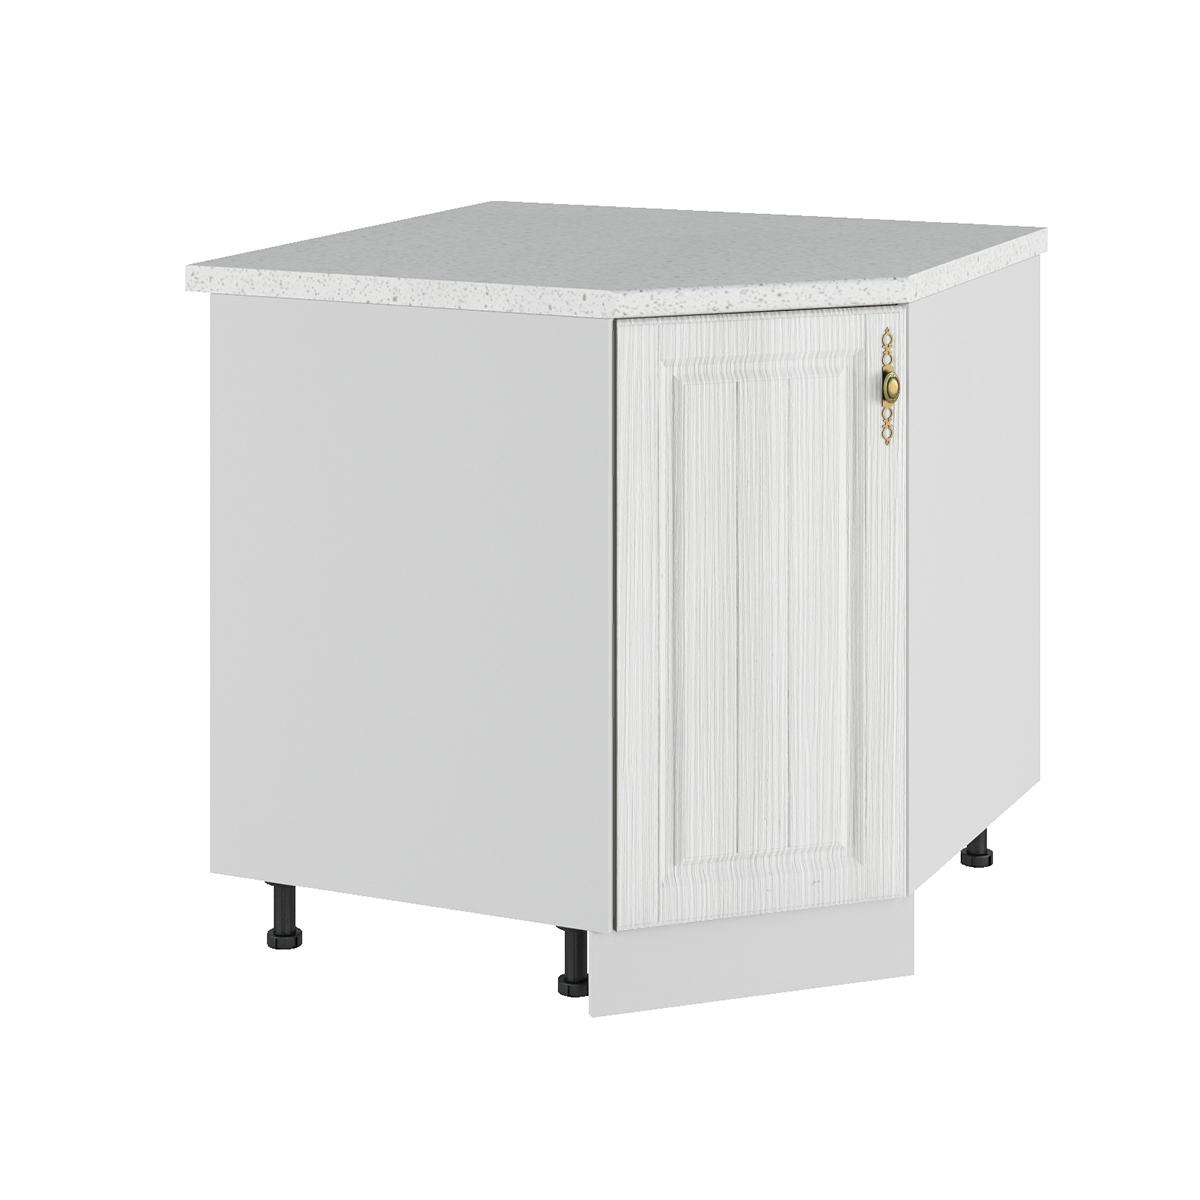 Кухня Империя СУ 850*850 Шкаф нижний угловой